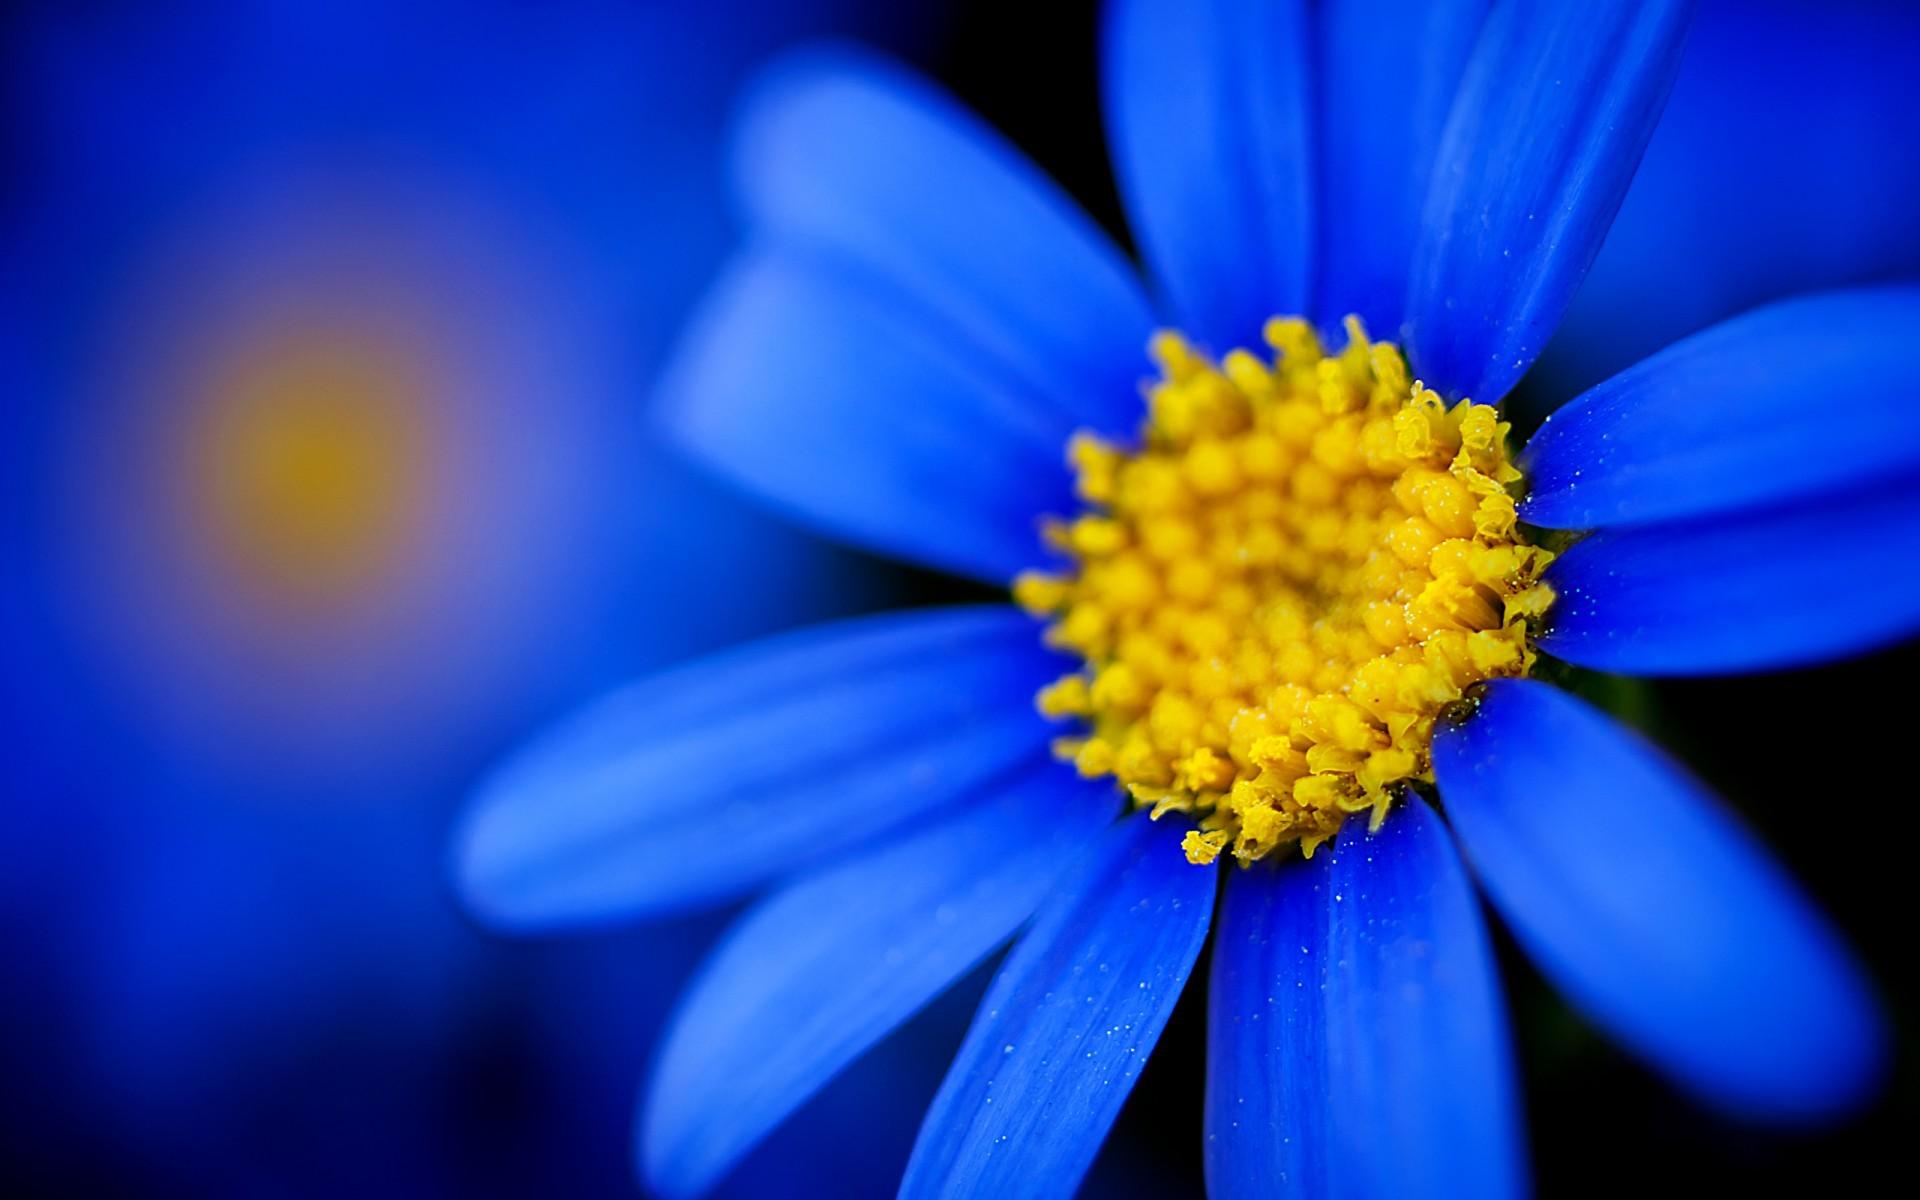 28498 скачать обои Растения, Цветы - заставки и картинки бесплатно